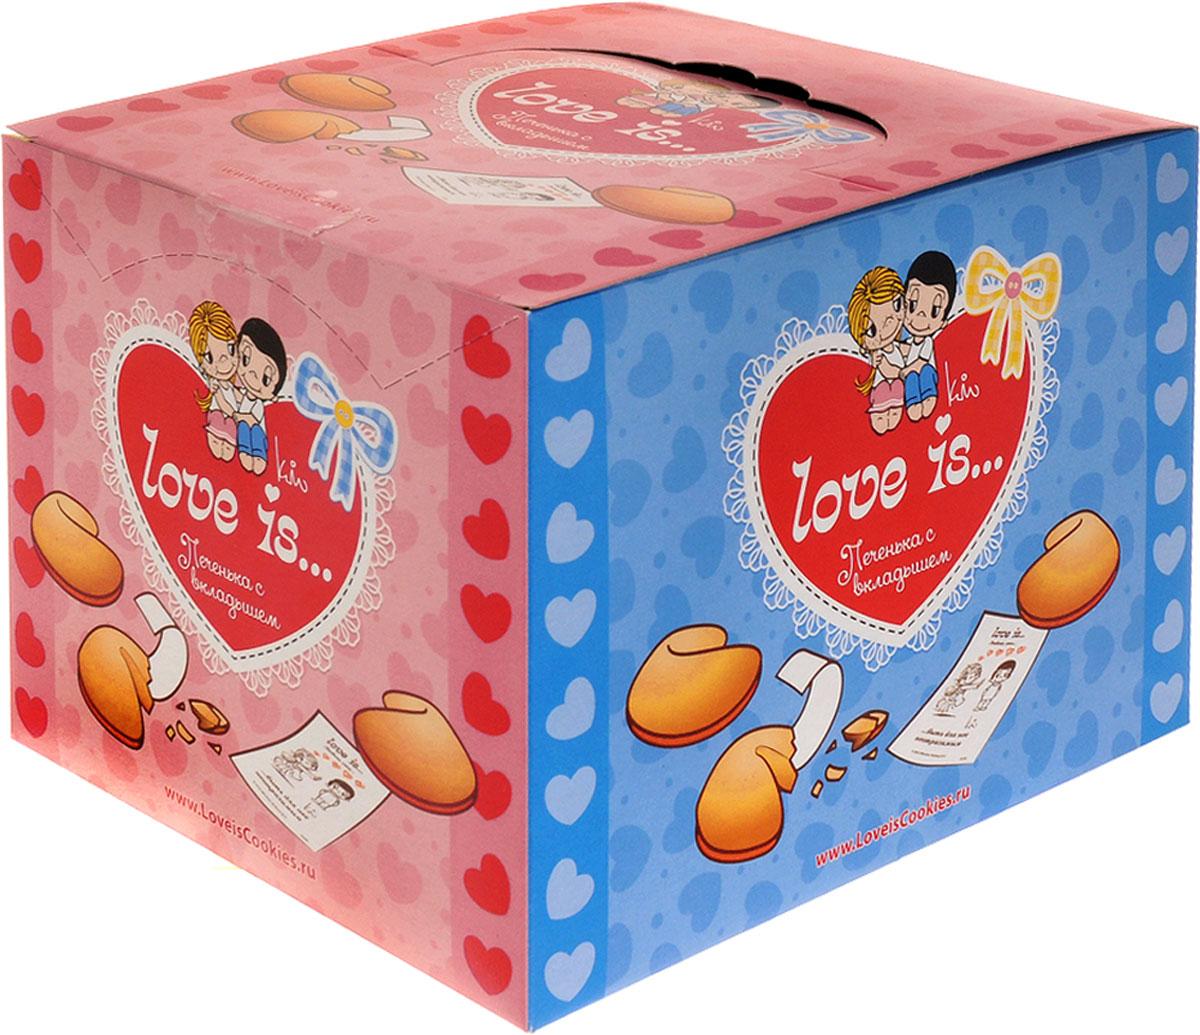 Love is Печенье с вкладышем, 38 шт4001743Набор из 38 штук вкусного песочного печенья Love is с нежным хрустящим вкусом. Внутри печенья находится бумажный вкладыш с очередной романтической историей на тему Любовь - это….Уважаемые клиенты! Обращаем ваше внимание, что полный перечень состава продукта представлен на дополнительном изображении.